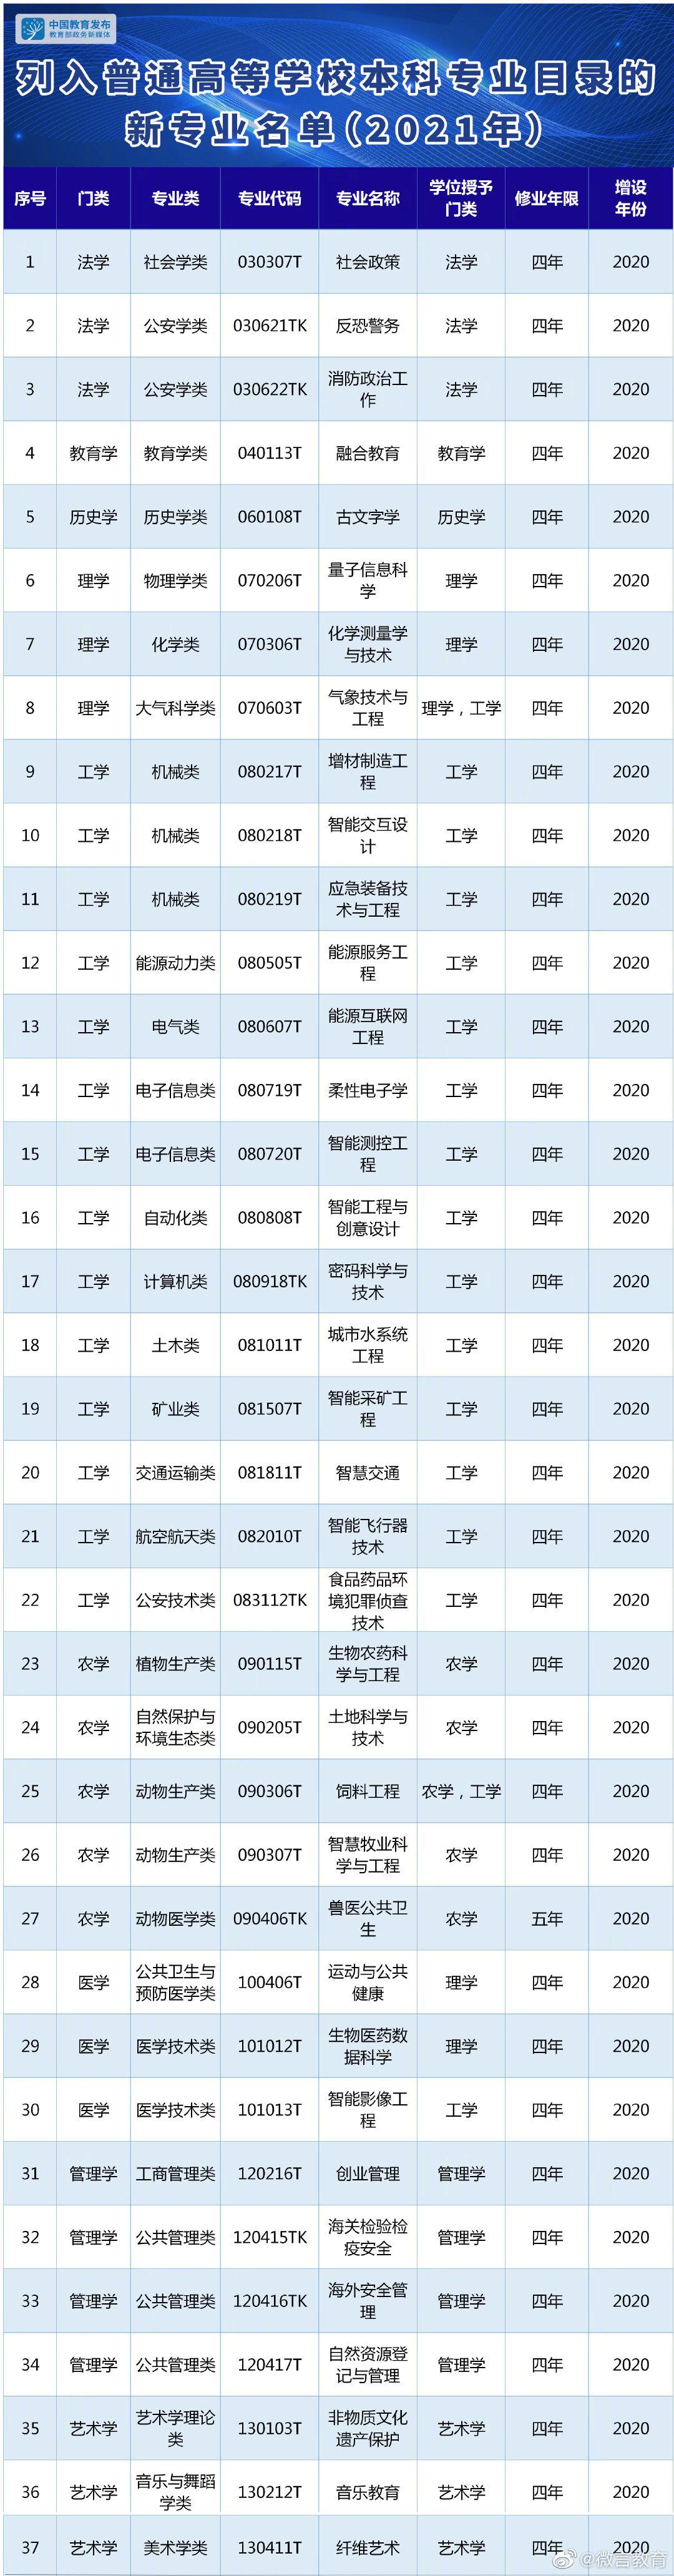 我国今年新增37个本科专业:约1/3为电子信息类和人工智能类